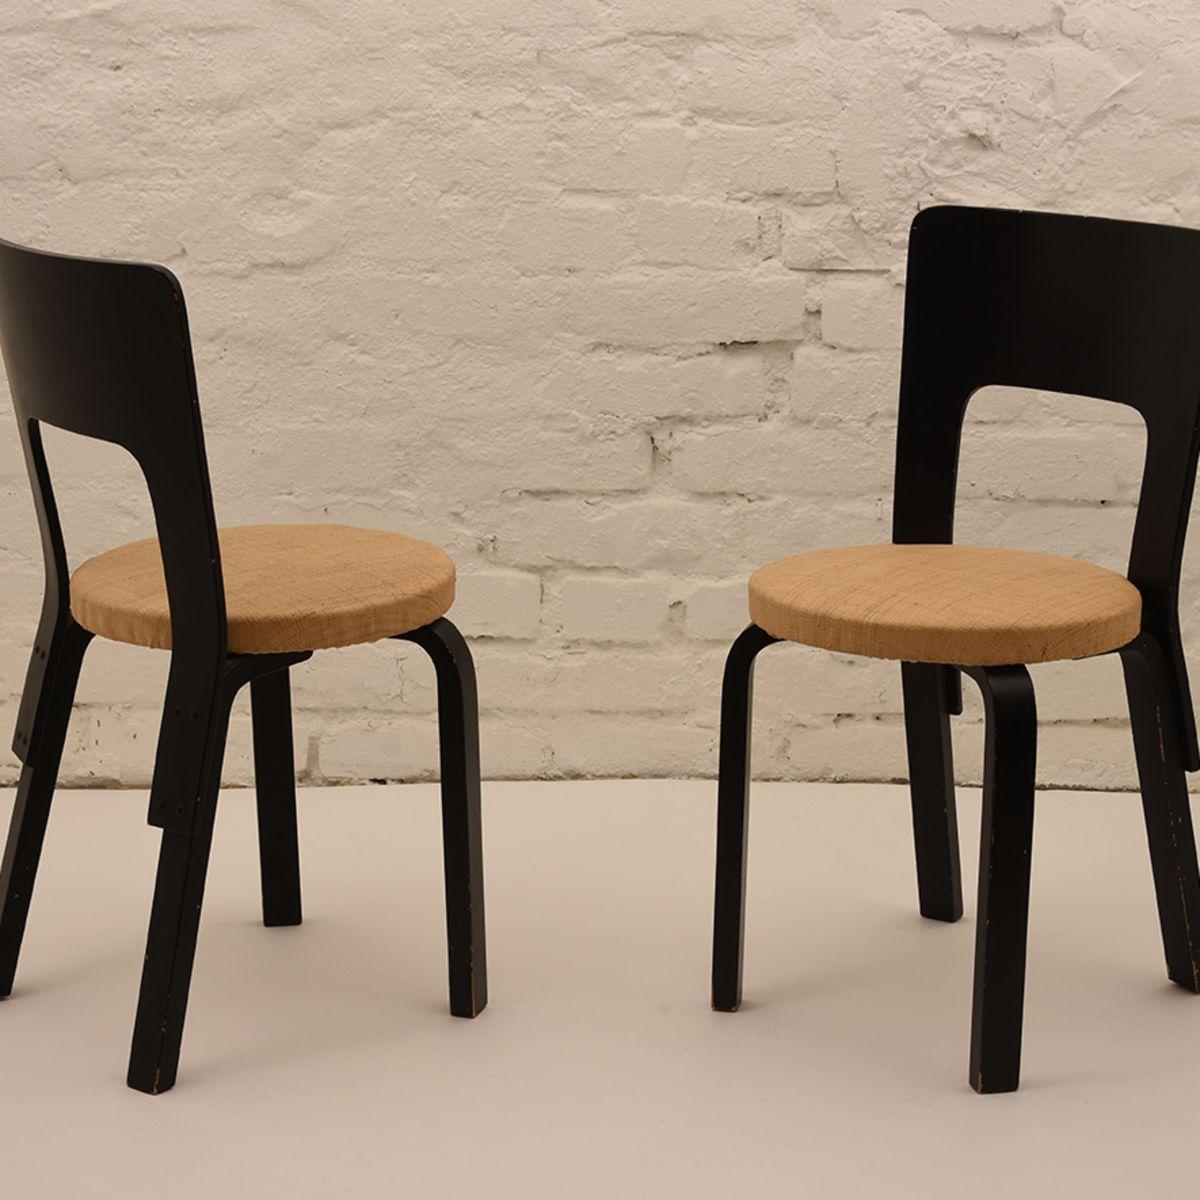 Alvar-Aalto-Chair66